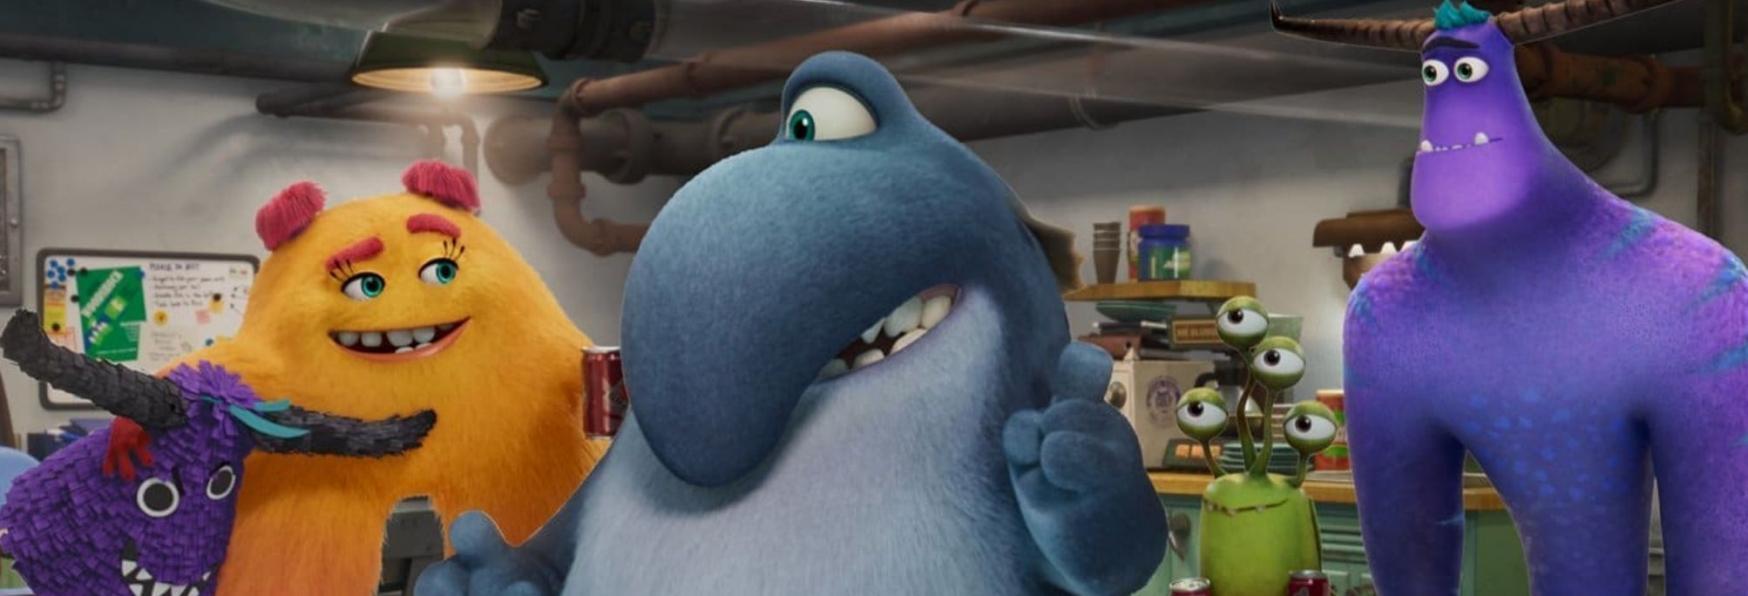 Monsters at Work: Trama, Cast, Trailer e Data di Uscita della nuova Serie TV Disney+